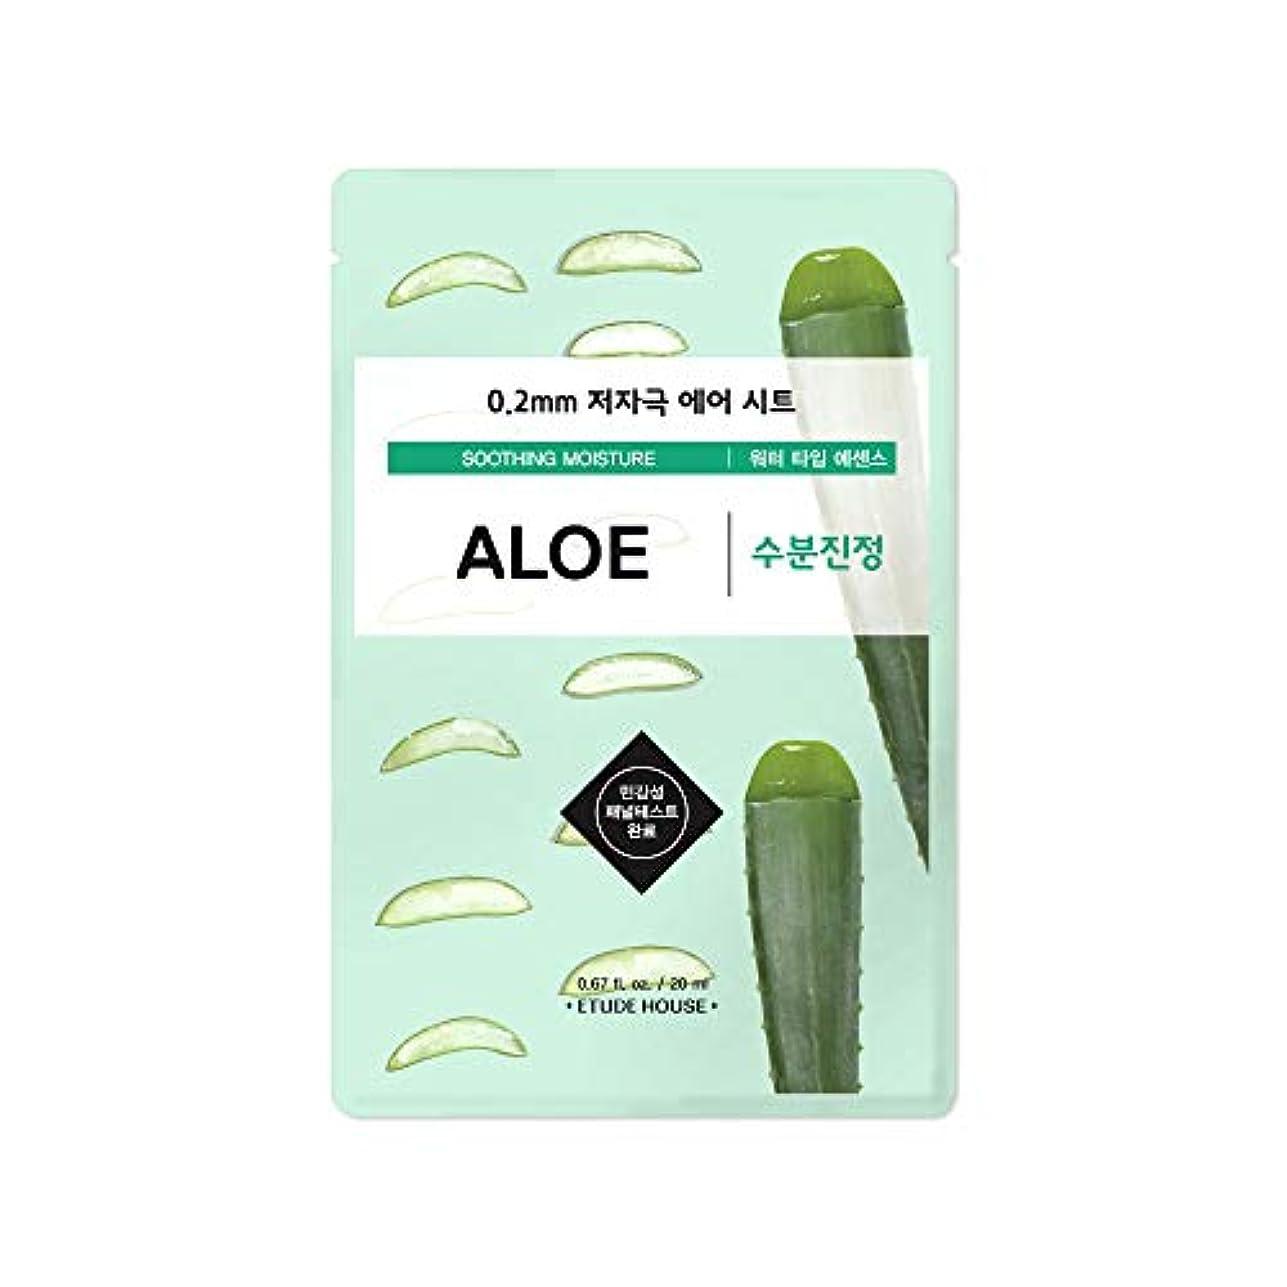 進む勇気のある不確実ETUDE HOUSE 0.2 Therapy Air Mask 20ml×10ea (#01 Aloe)/エチュードハウス 0.2 セラピー エア マスク 20ml×10枚 (#01 Aloe)